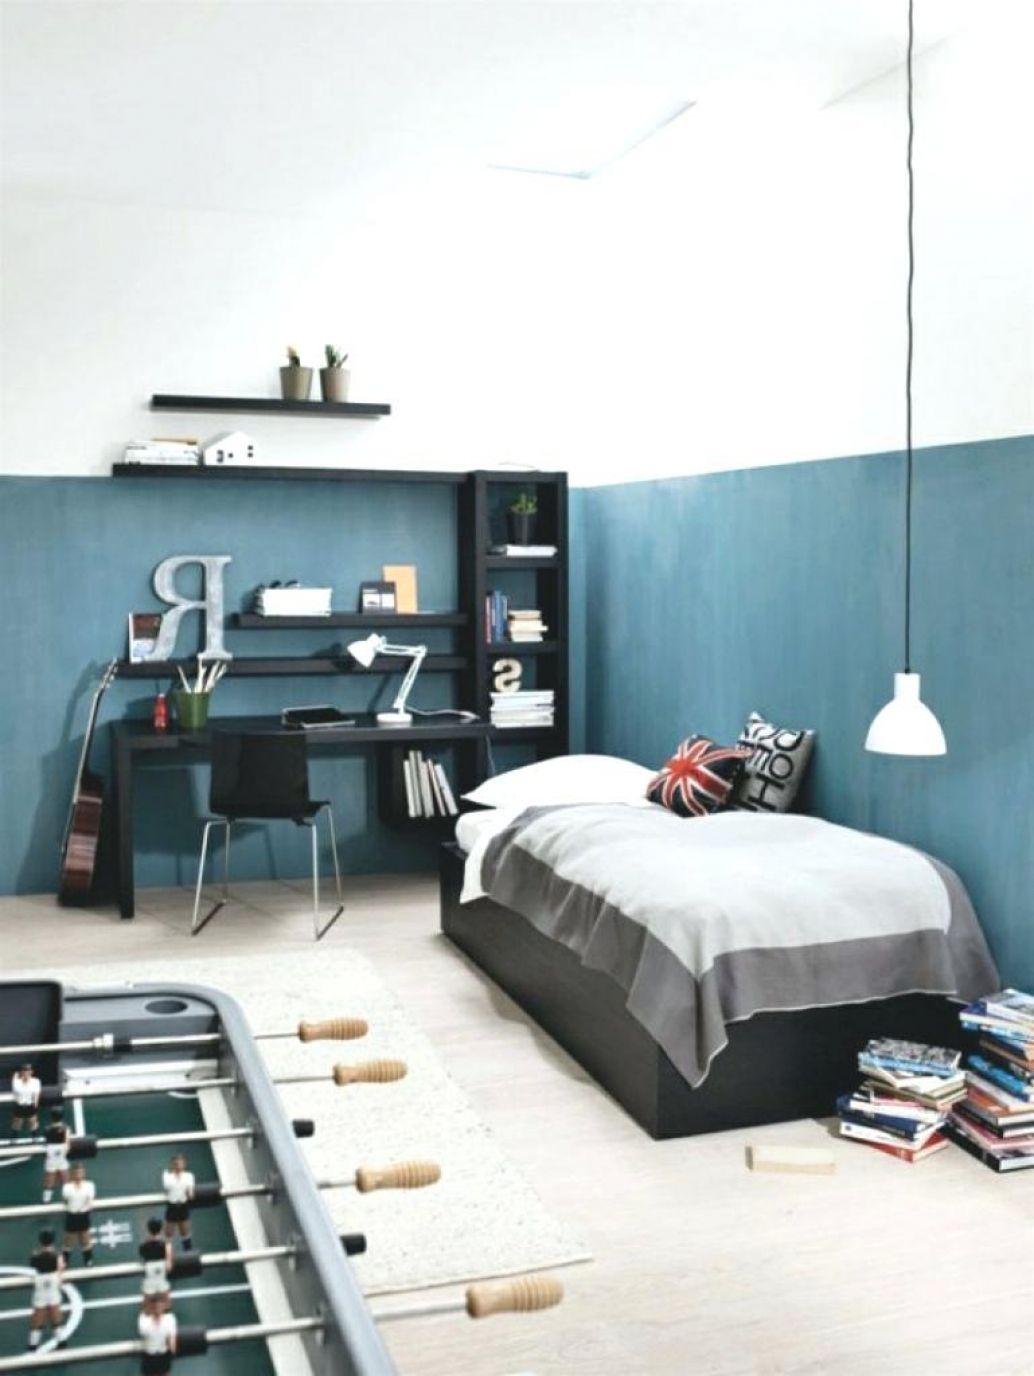 Full Size of Jugendzimmer Ikea Sofa Mit Schlaffunktion Modulküche Bett Küche Kaufen Betten Bei 160x200 Kosten Miniküche Wohnzimmer Jugendzimmer Ikea